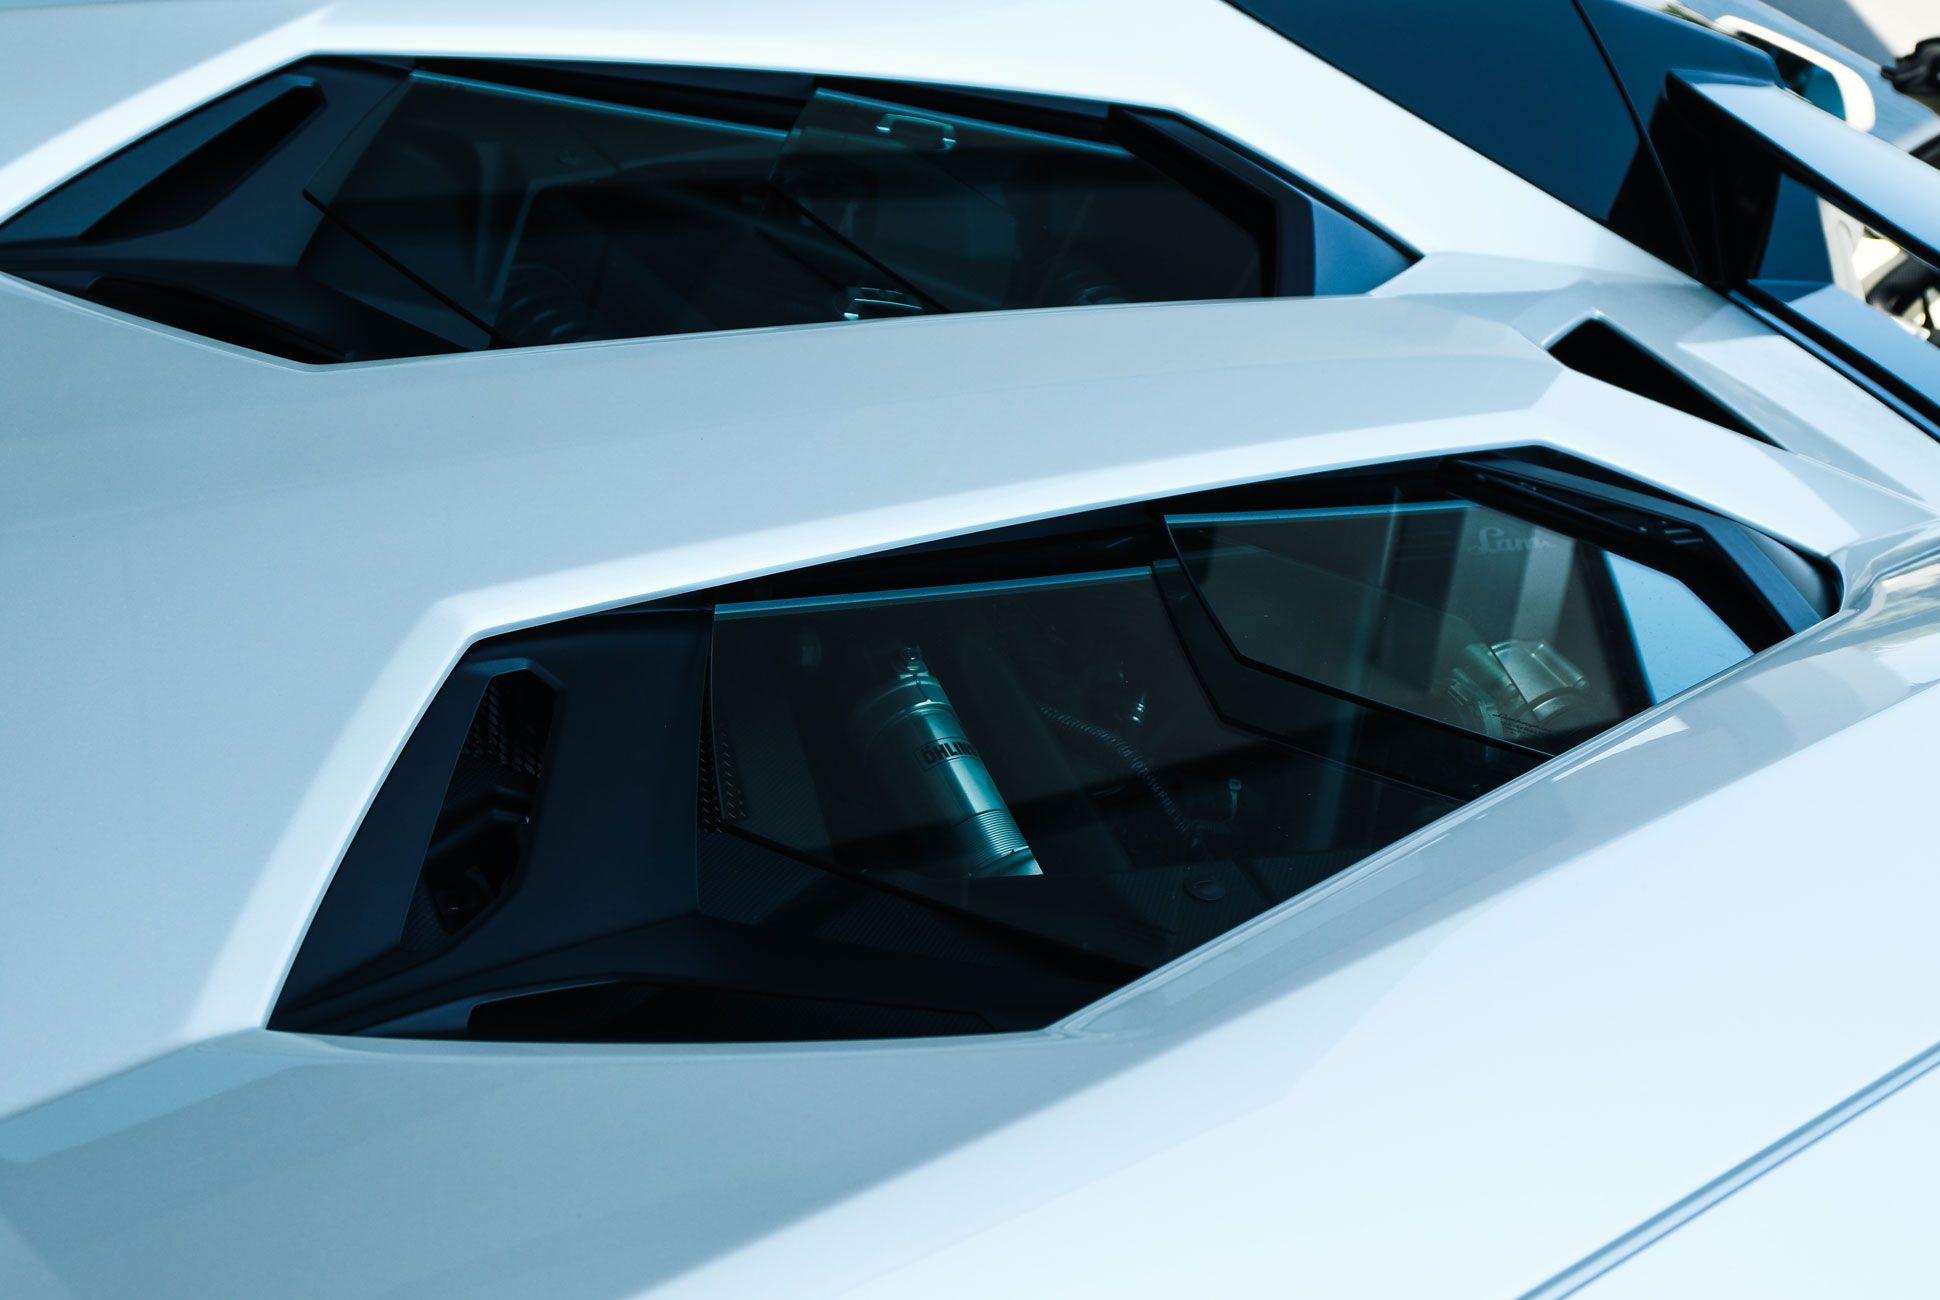 Lamborghini-Aventador-Roadster-Gear-Patrol-Slide-4